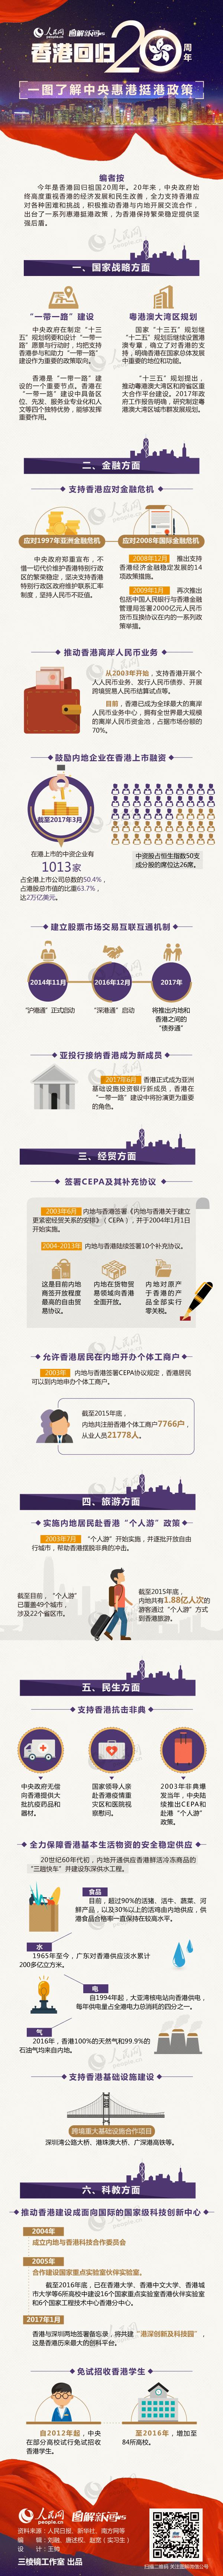 香港回归20周年 一图了解中央惠港挺港政策.jpg